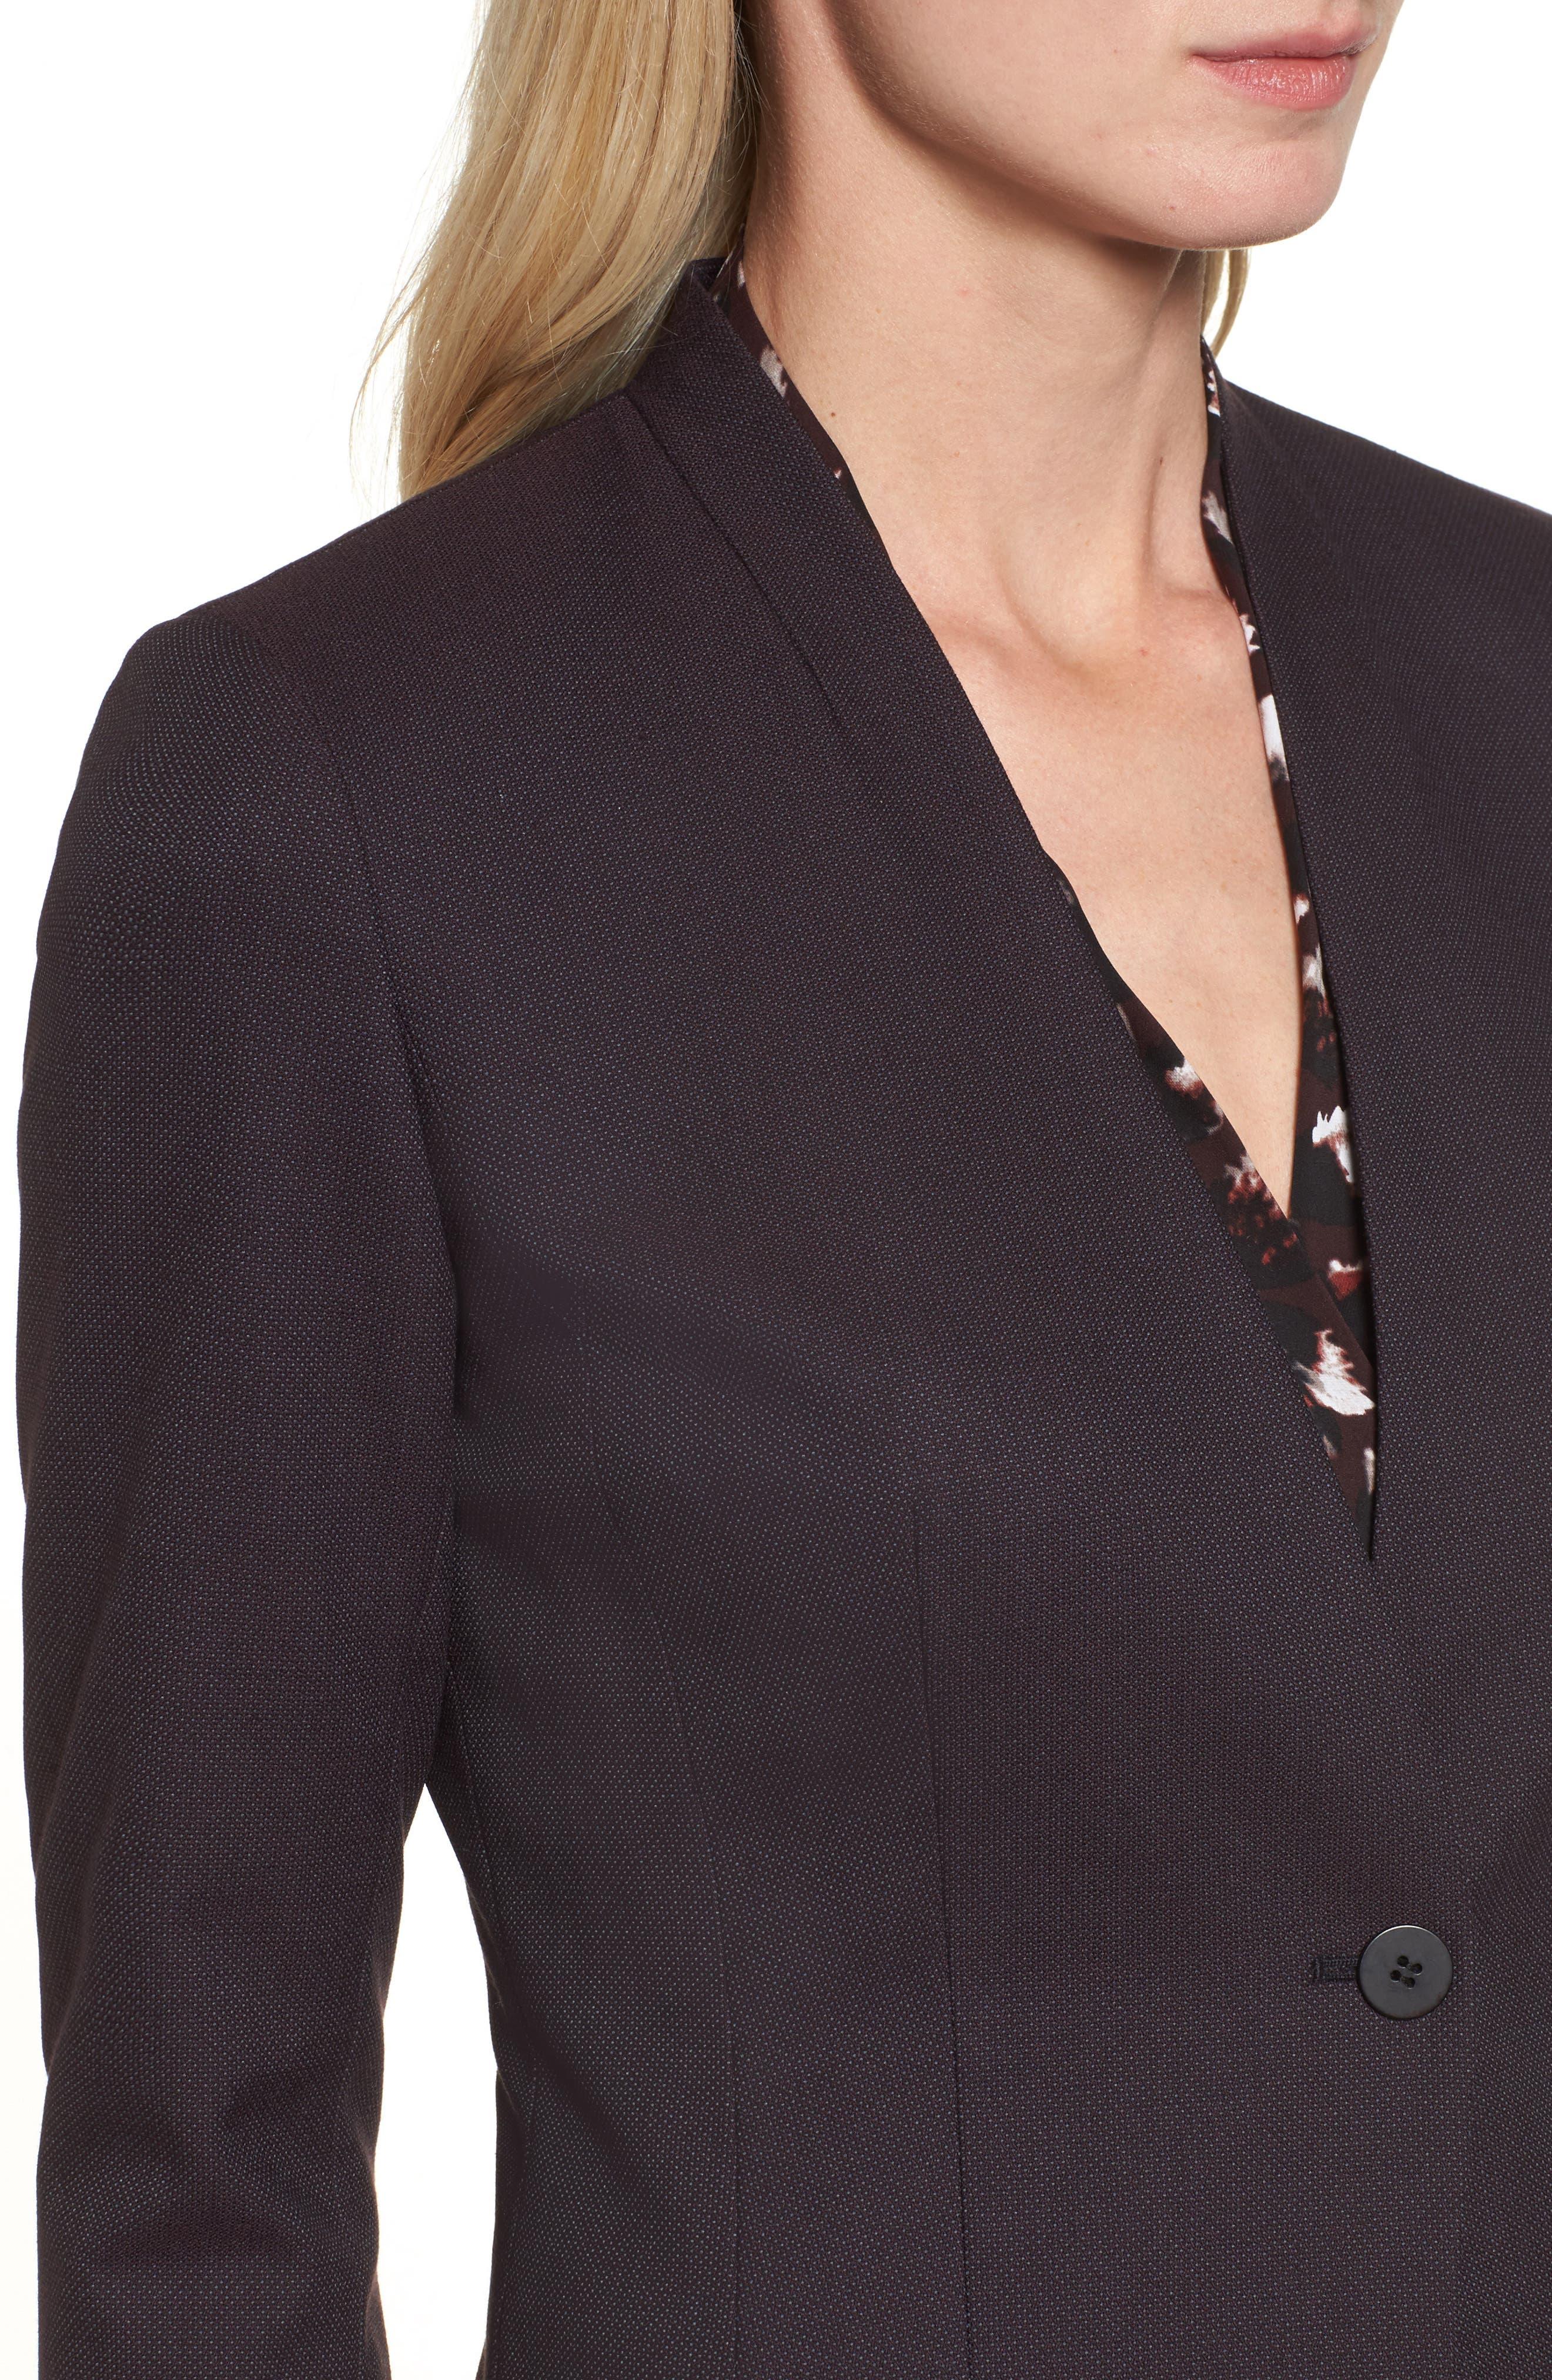 One-Button Suit Jacket,                             Alternate thumbnail 4, color,                             930